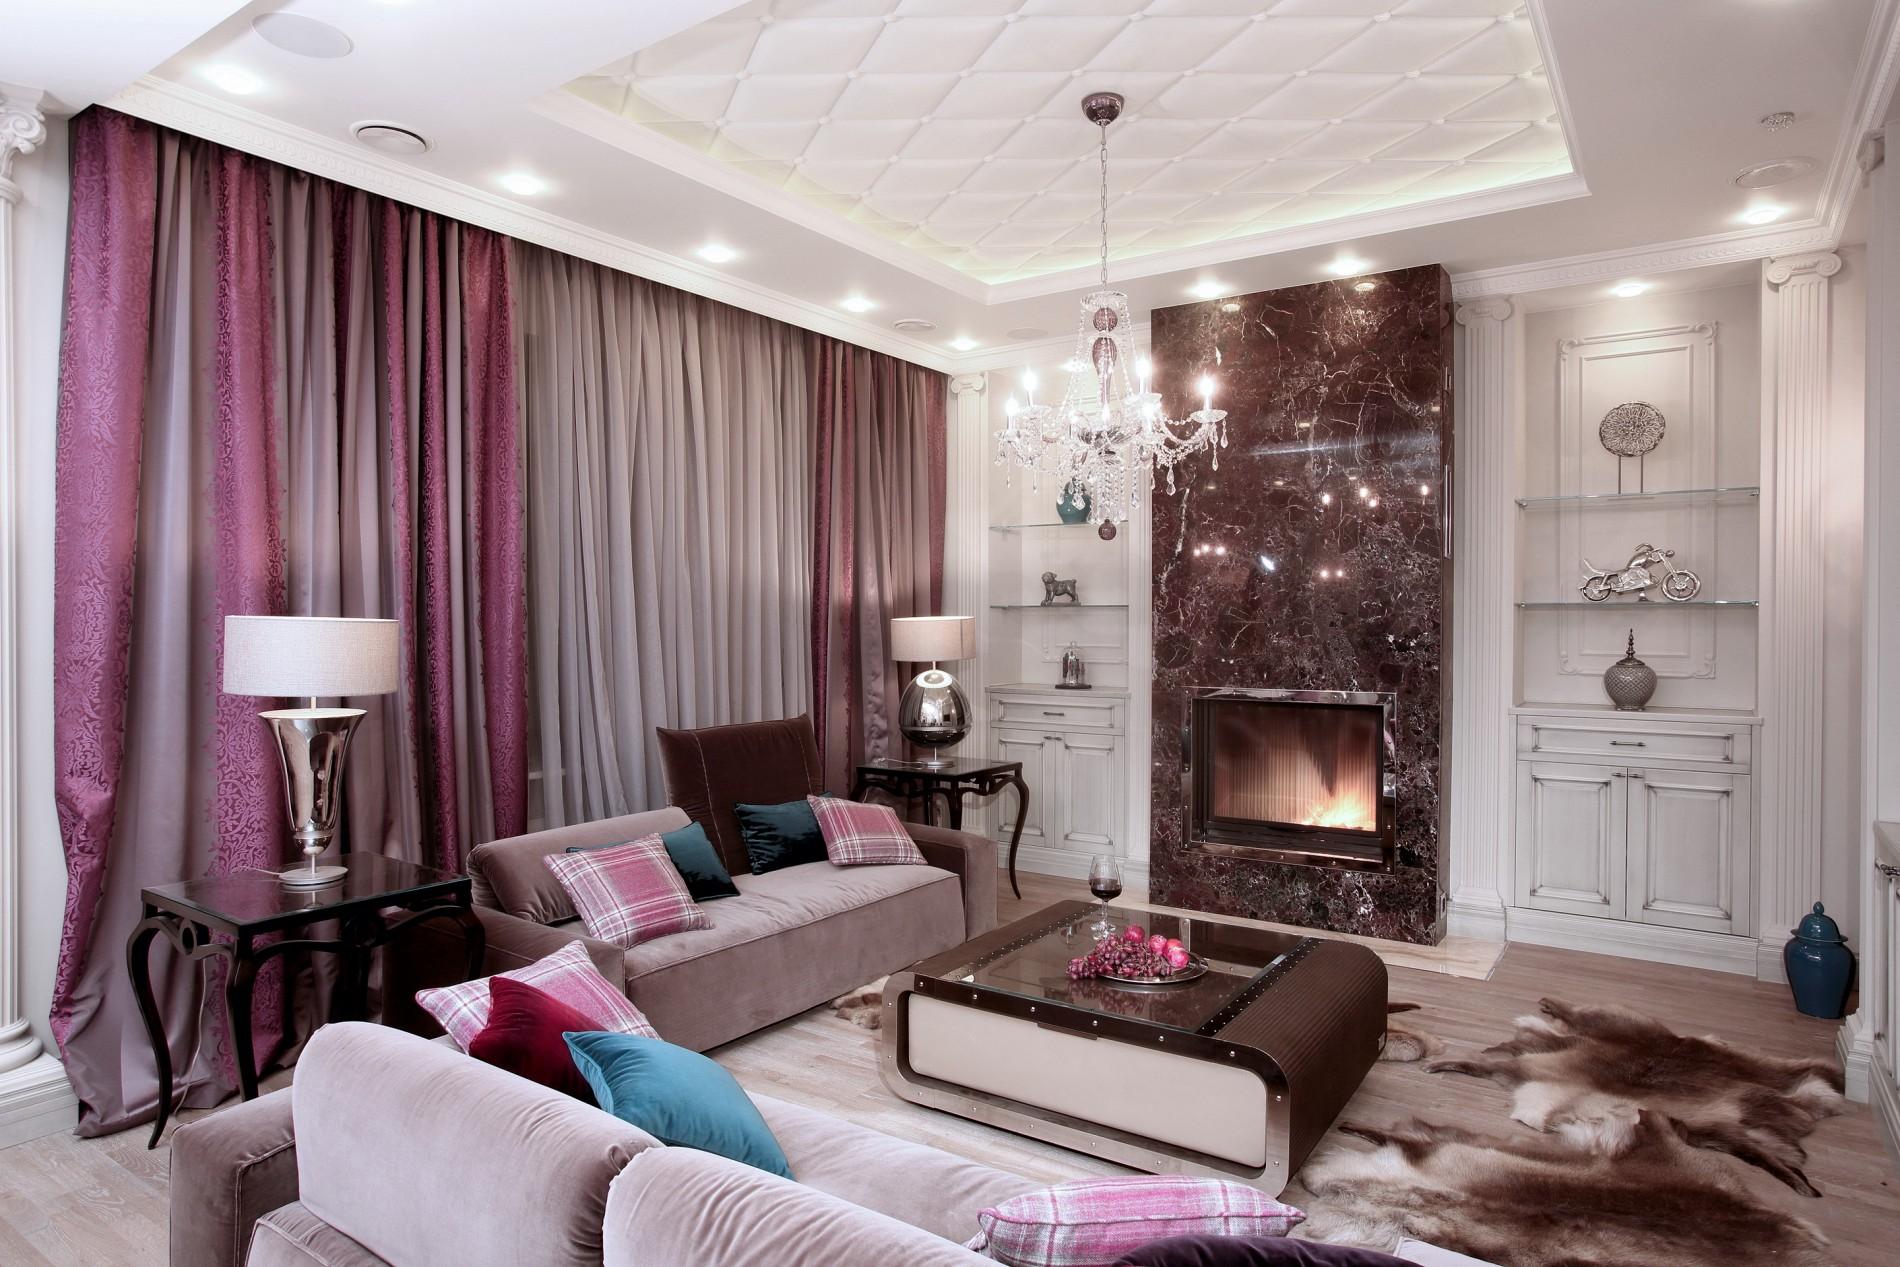 Rosso Levanto мраморный камин в интерьере гостиной в неоклассике